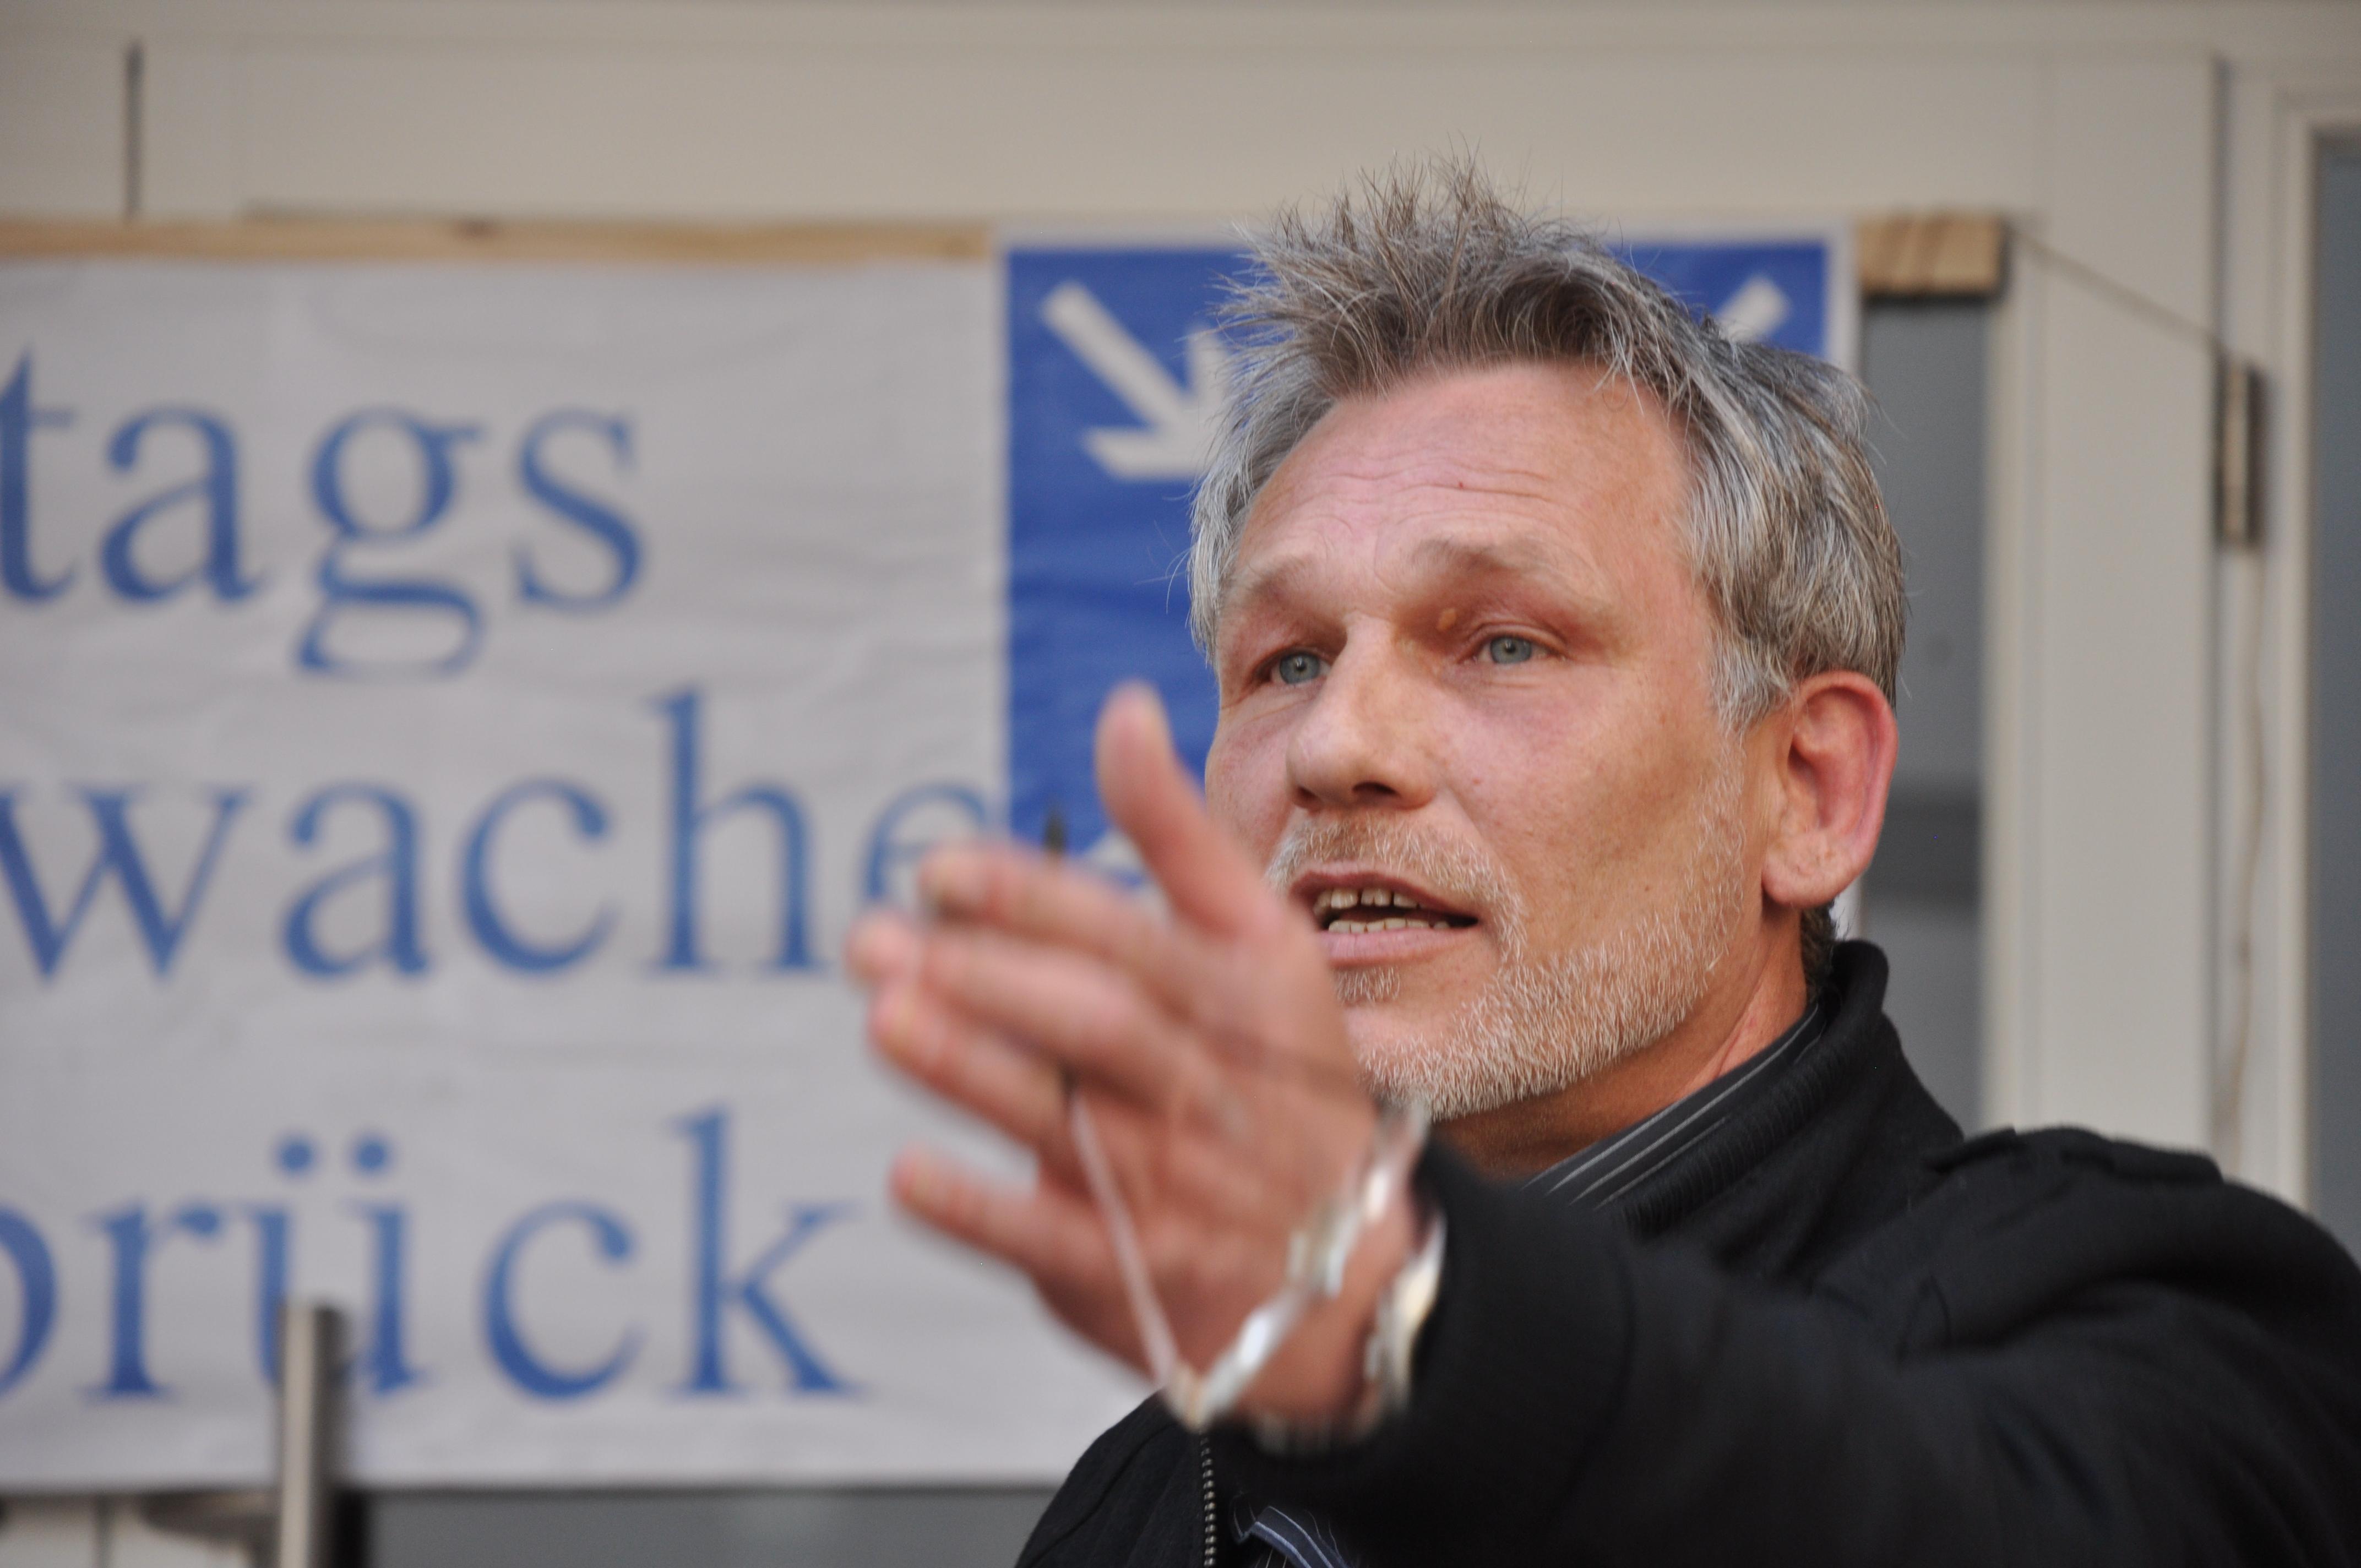 Wolfgang Wiedenbrück, Mitinitiator, Eingangsansprache MontagsMahnwache Osnabrück am Heger Tor 05.05.2014